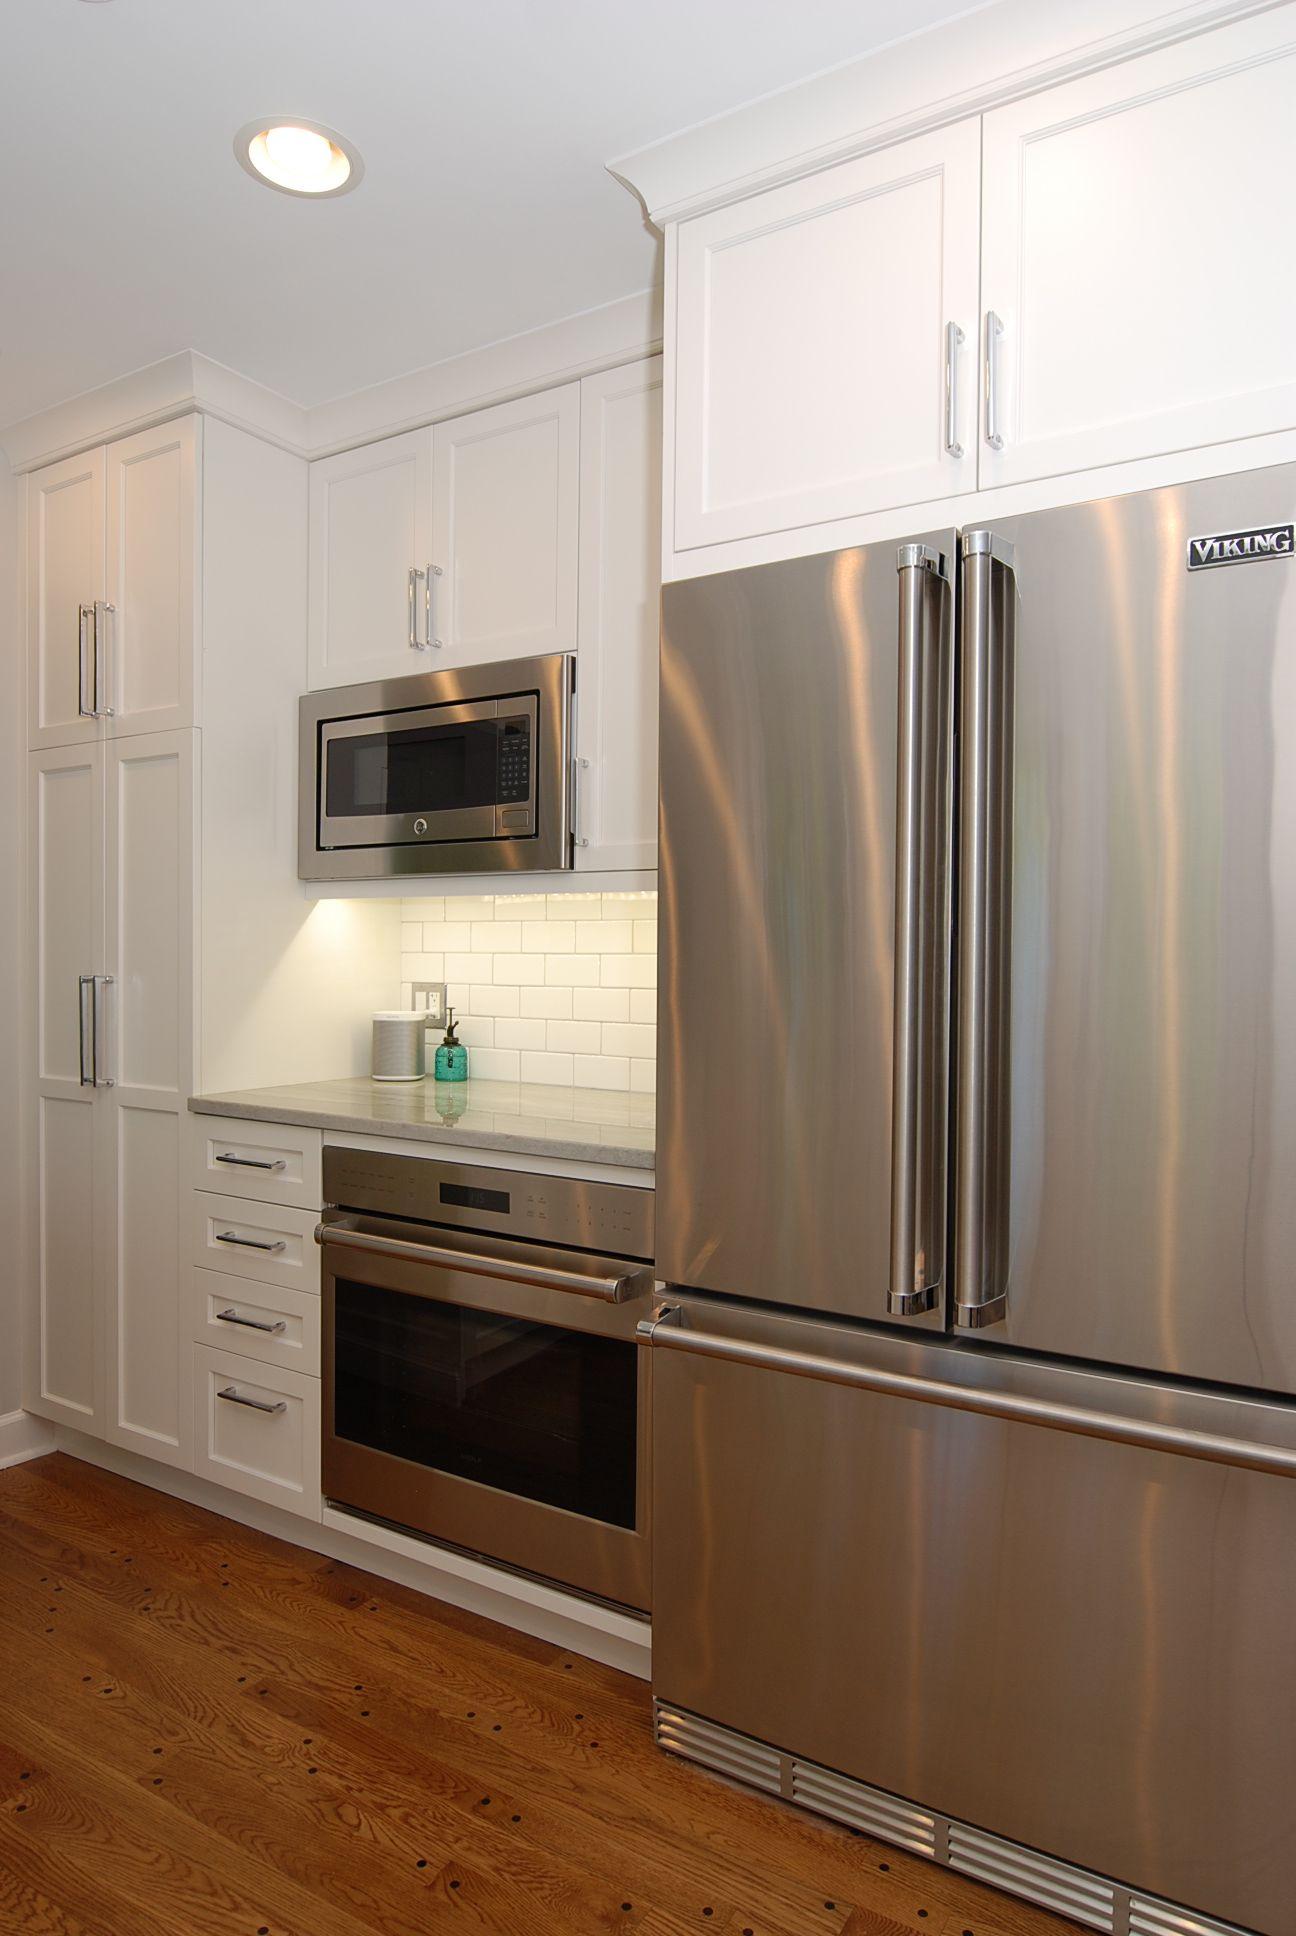 Viking Refrigerator Counter Top Depth Refrigerator Built In